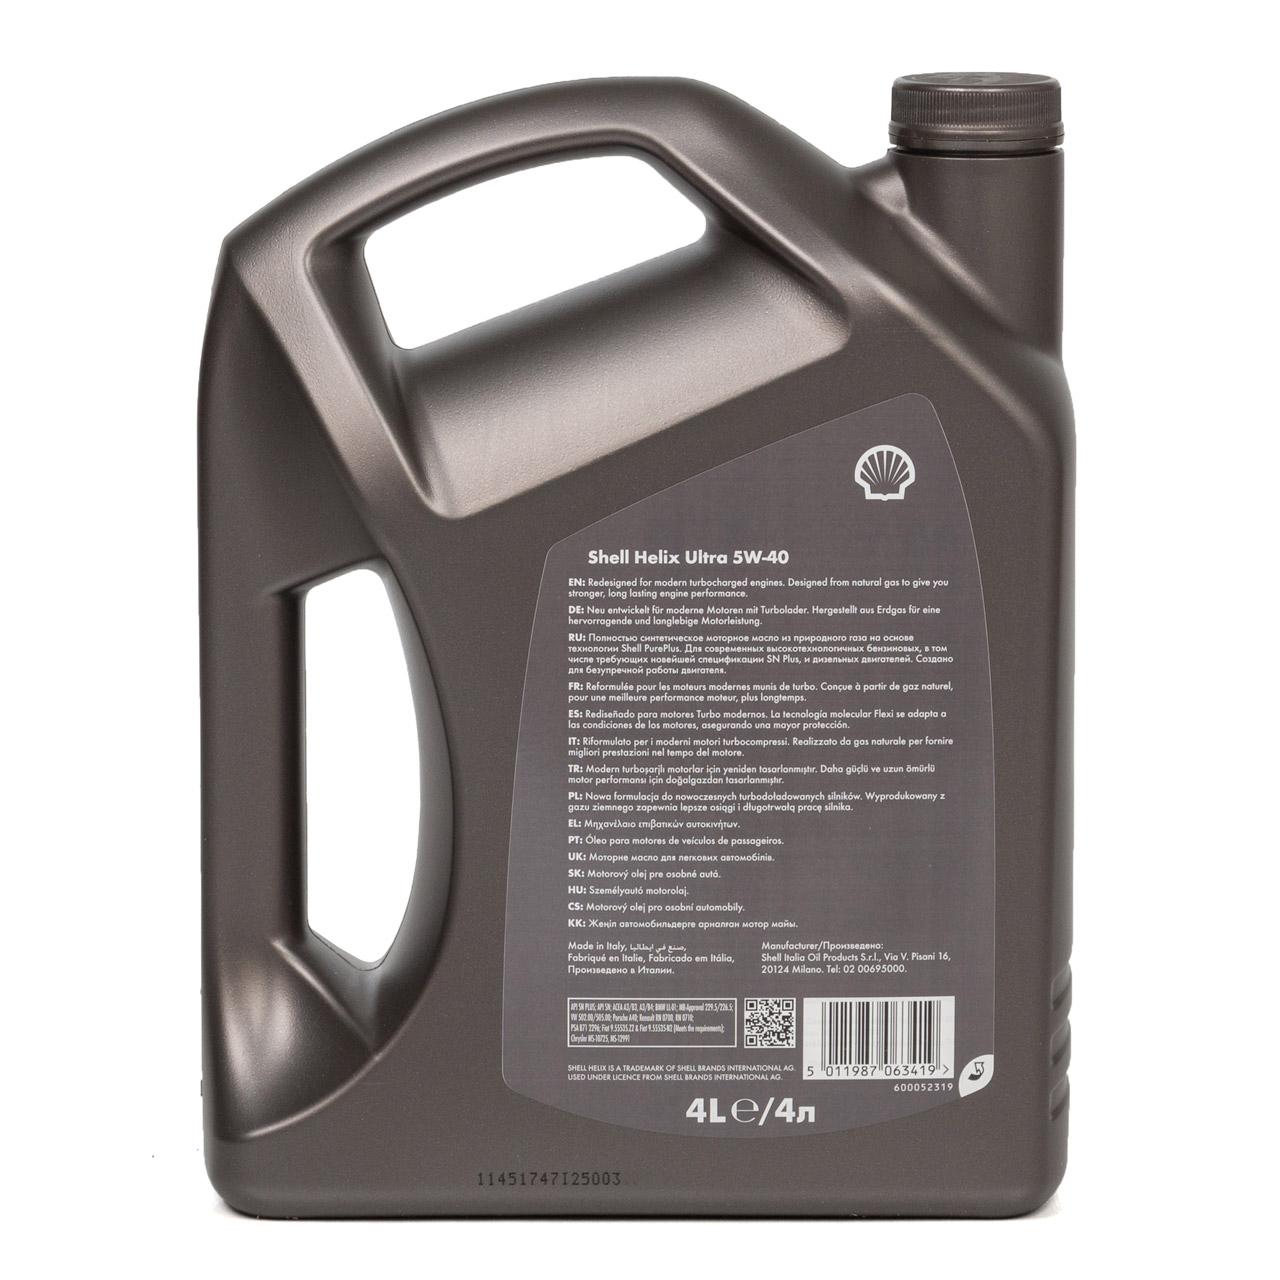 SHELL Motoröl Öl HELIX ULTRA 5W-40 5W40 MB 226/229.5 VW 502/505.00 - 4L 4 Liter